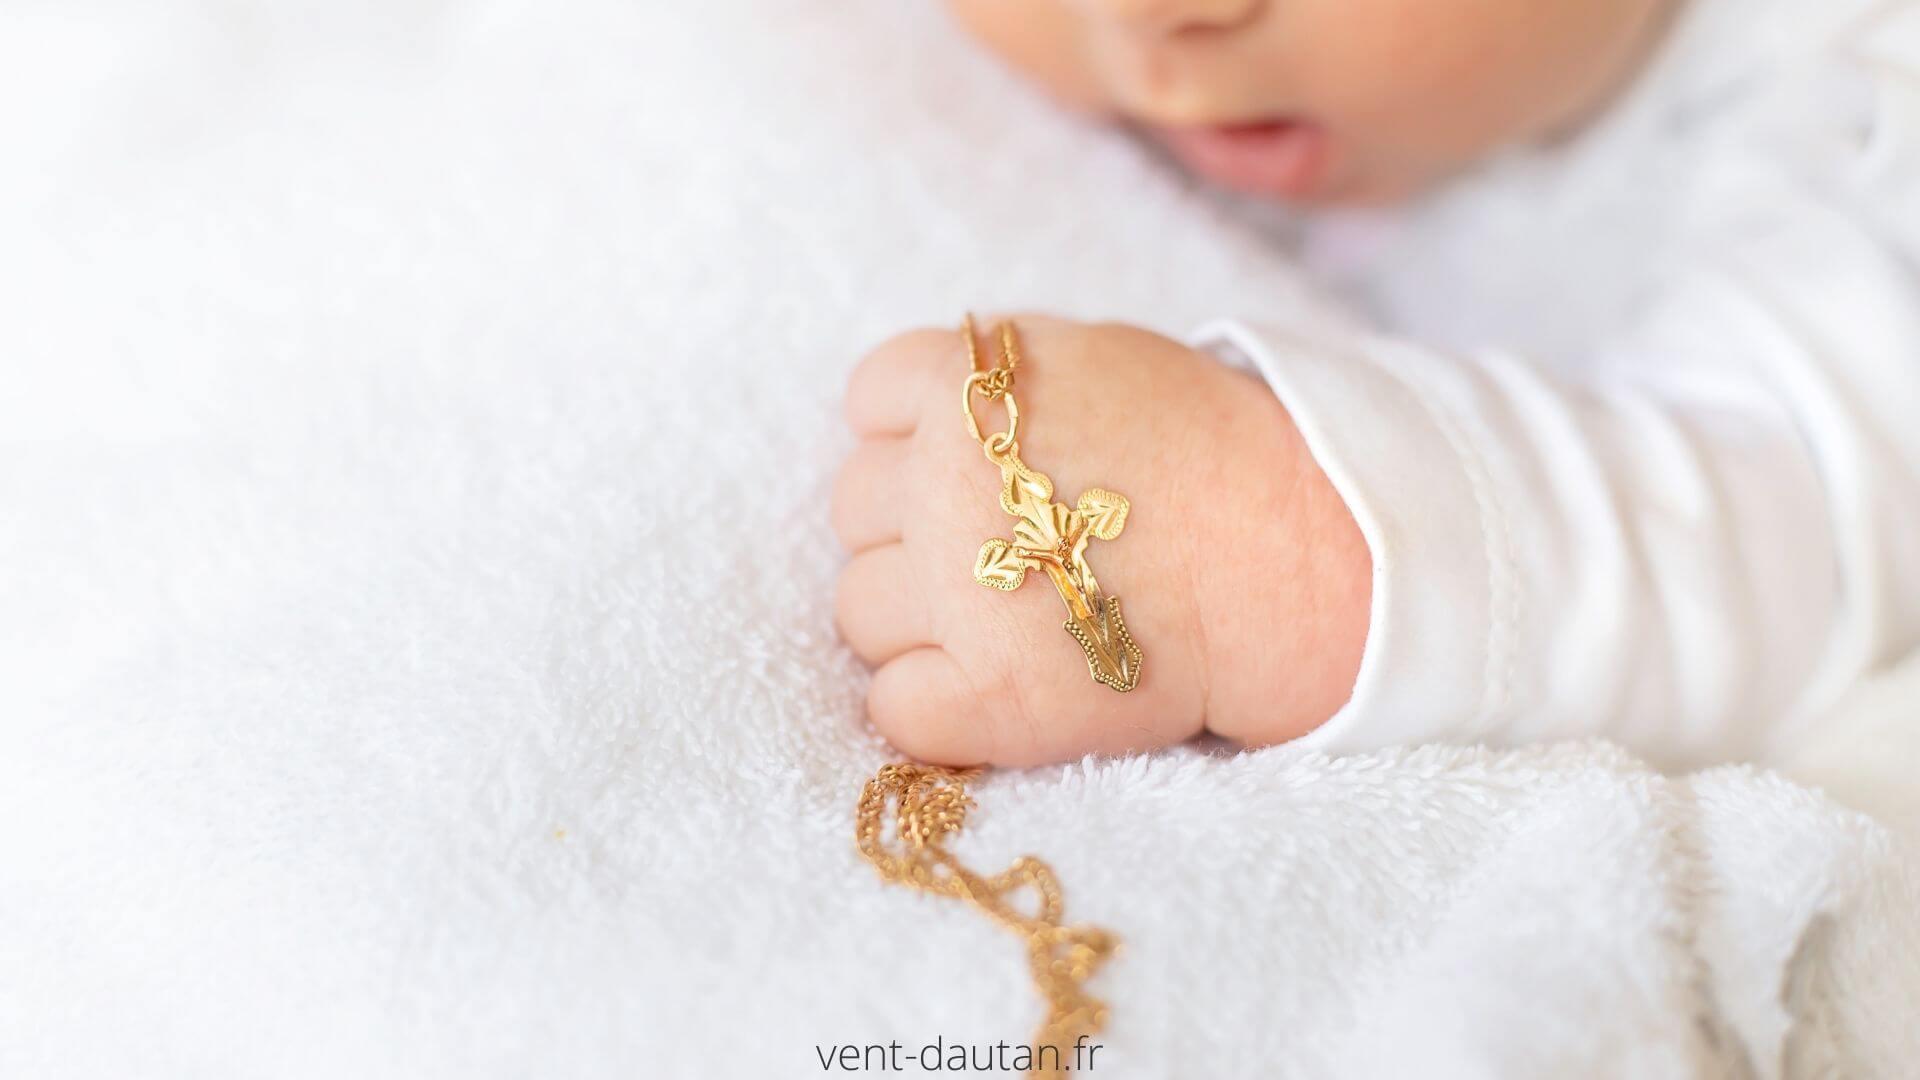 Mots et discours pour bâptème de bébé